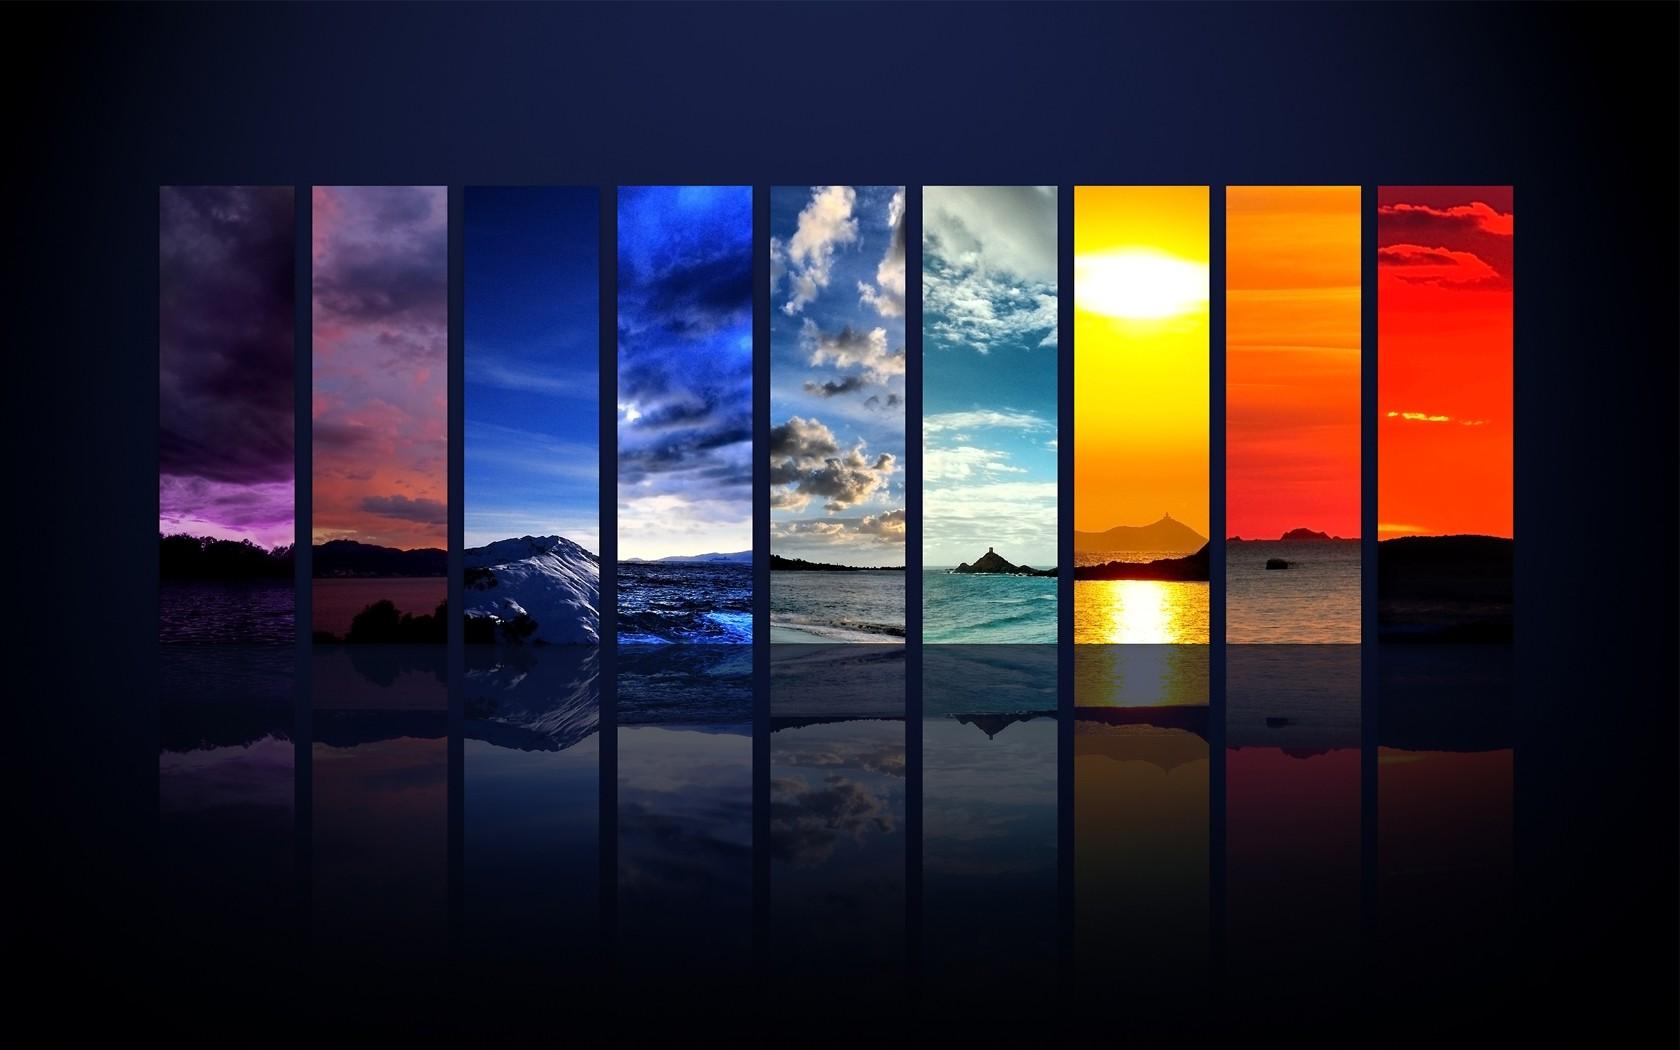 デスクトップ壁紙 風景 ペインティング デジタルアート 反射 空